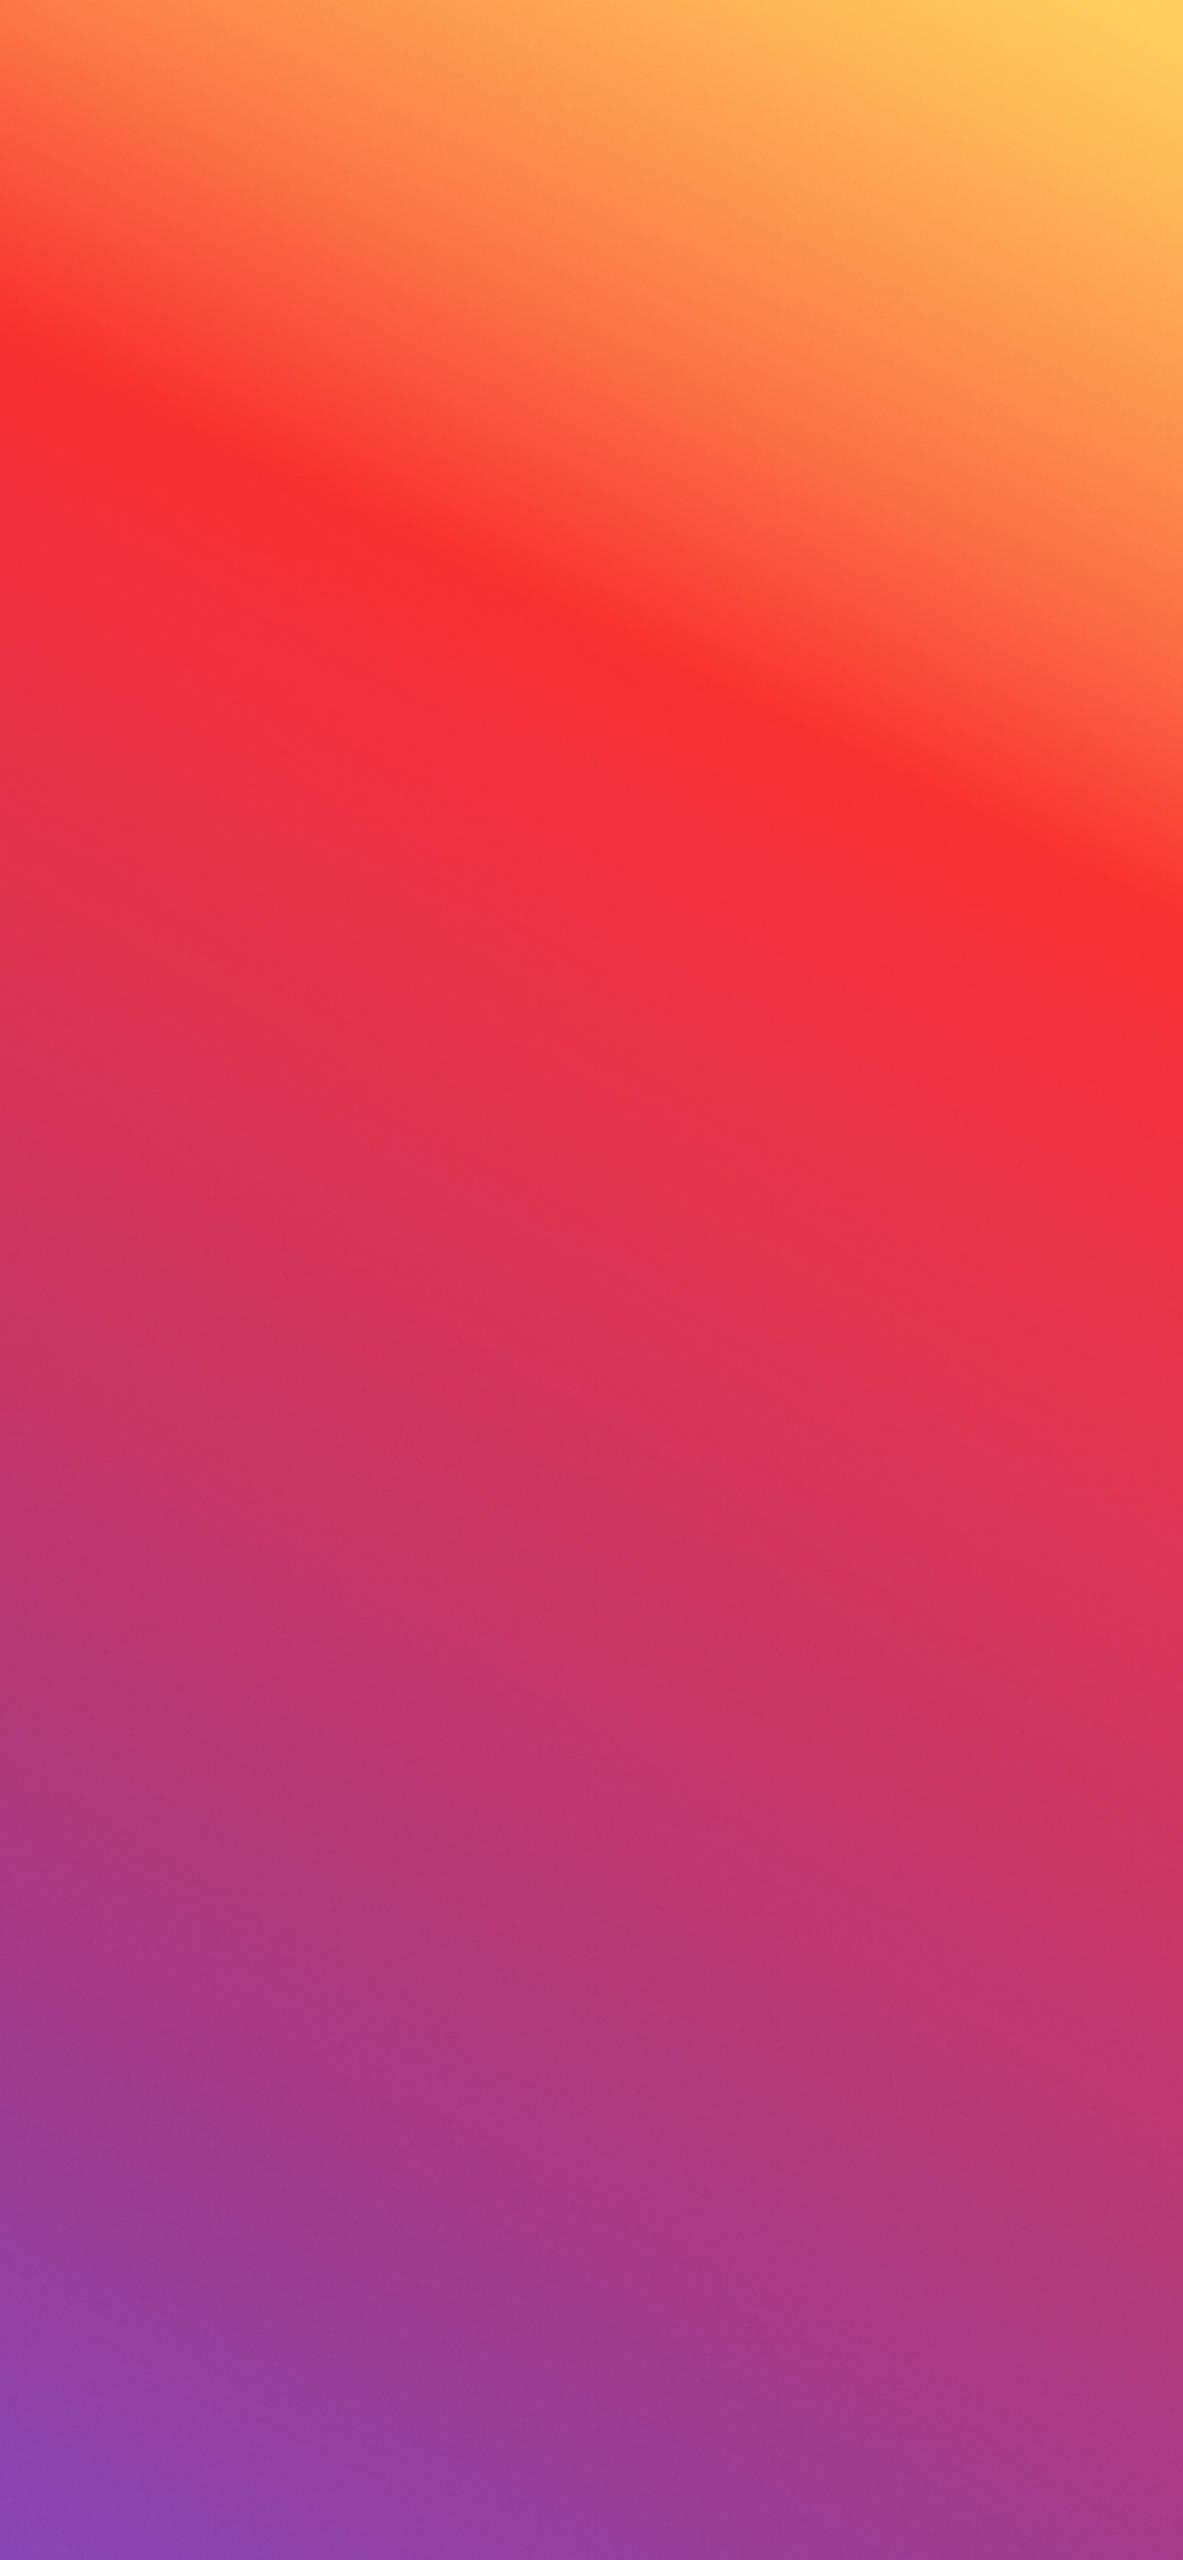 Fonds d'écran iPhone du 12/05/2021